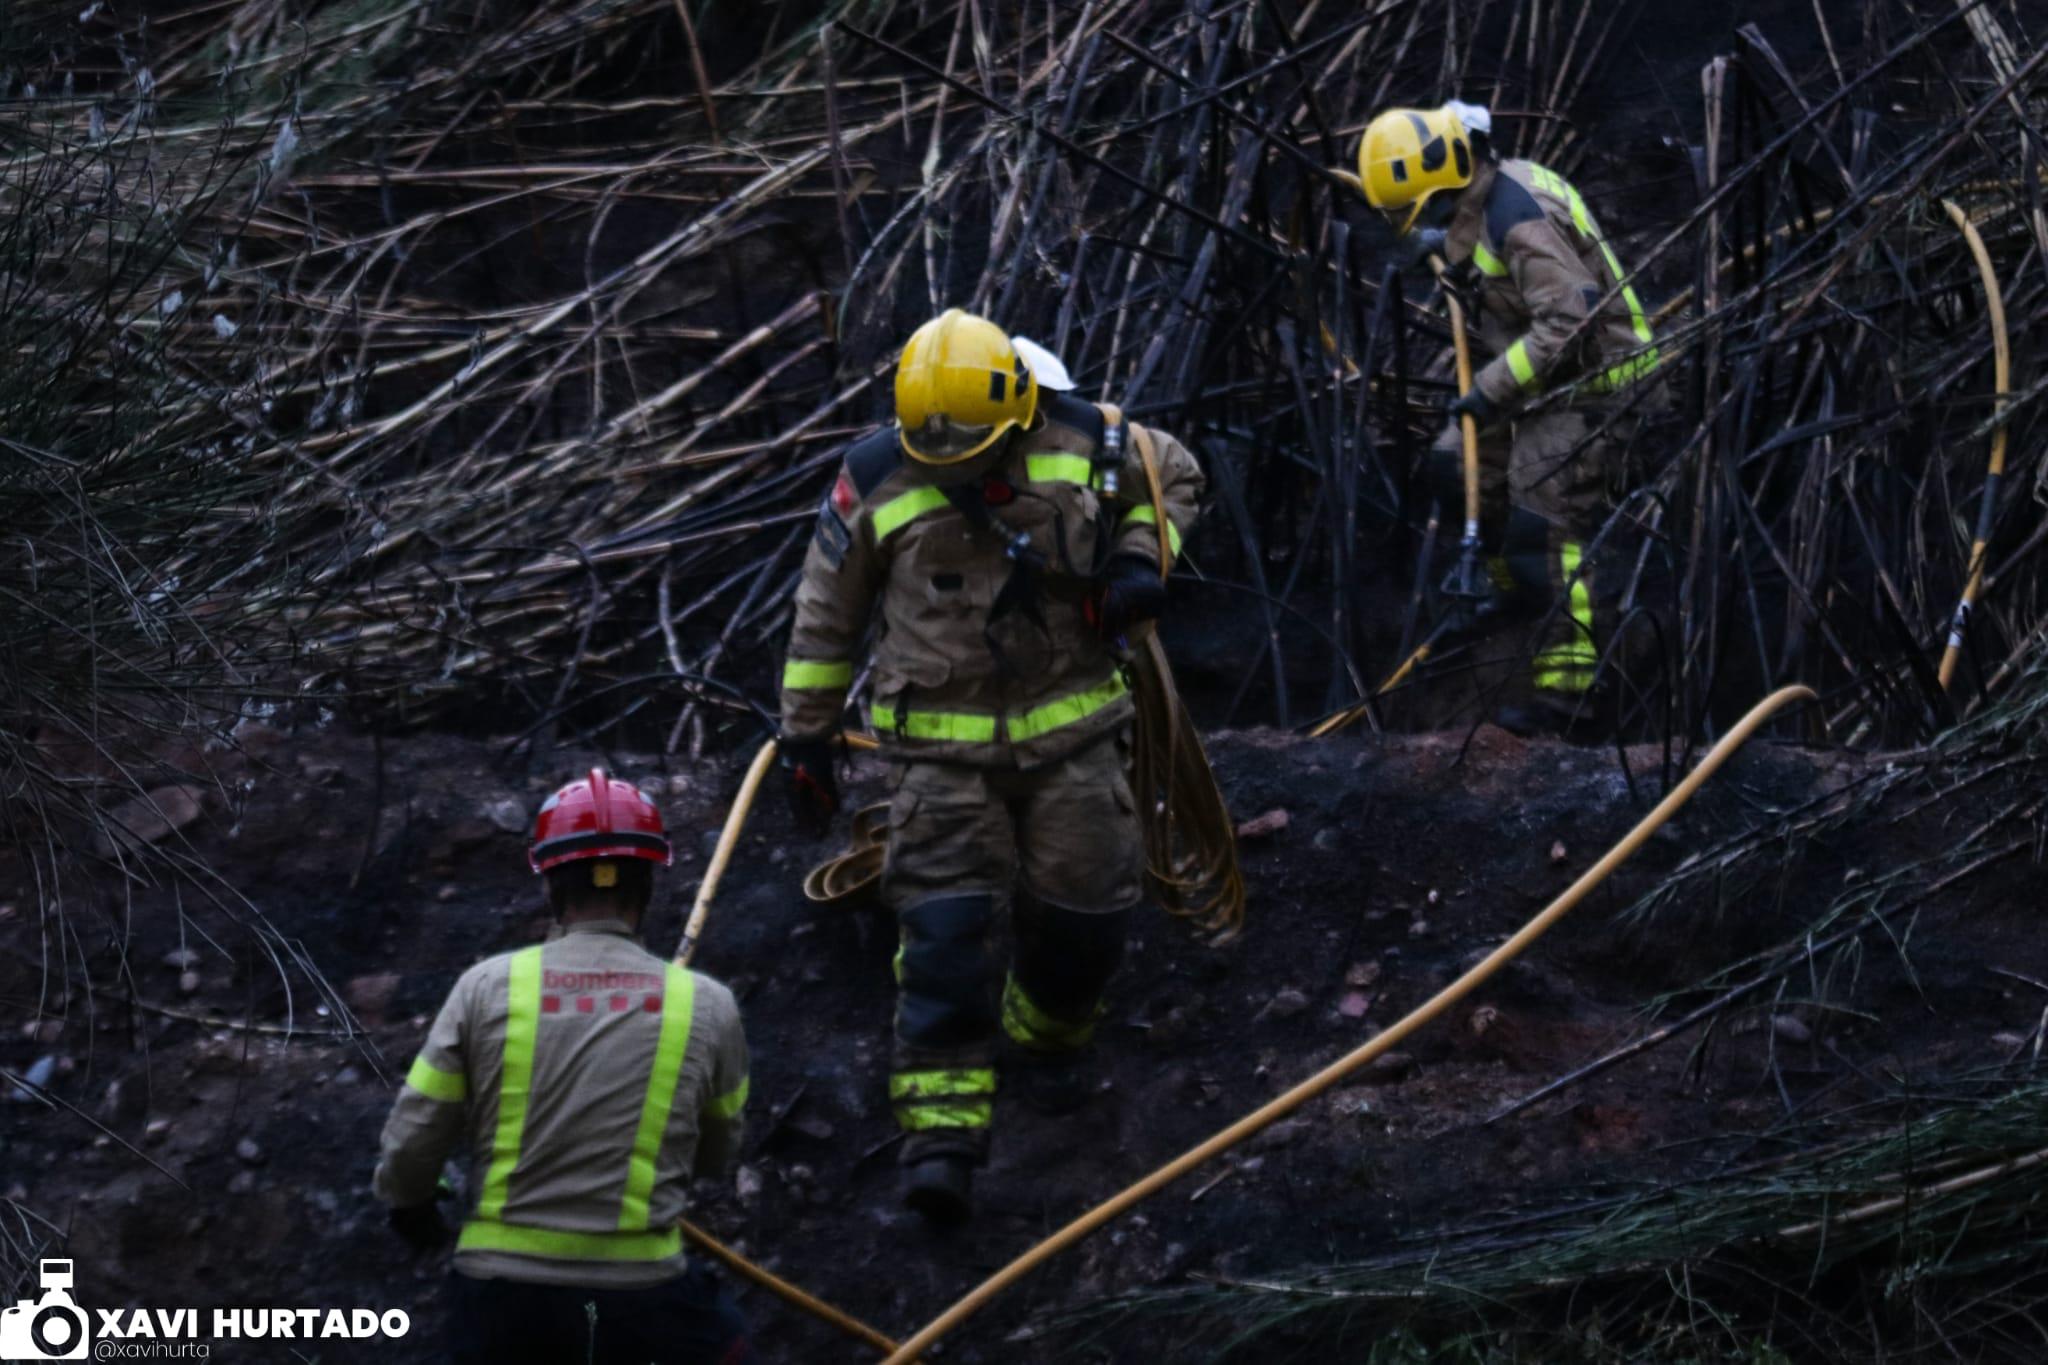 A última hora d'ahir al vespre es va produir un incendi de canyes i vegetació al camí vell d'Ullastrell, prop de Can Poal, a Terrassa/Xavi Hurtado